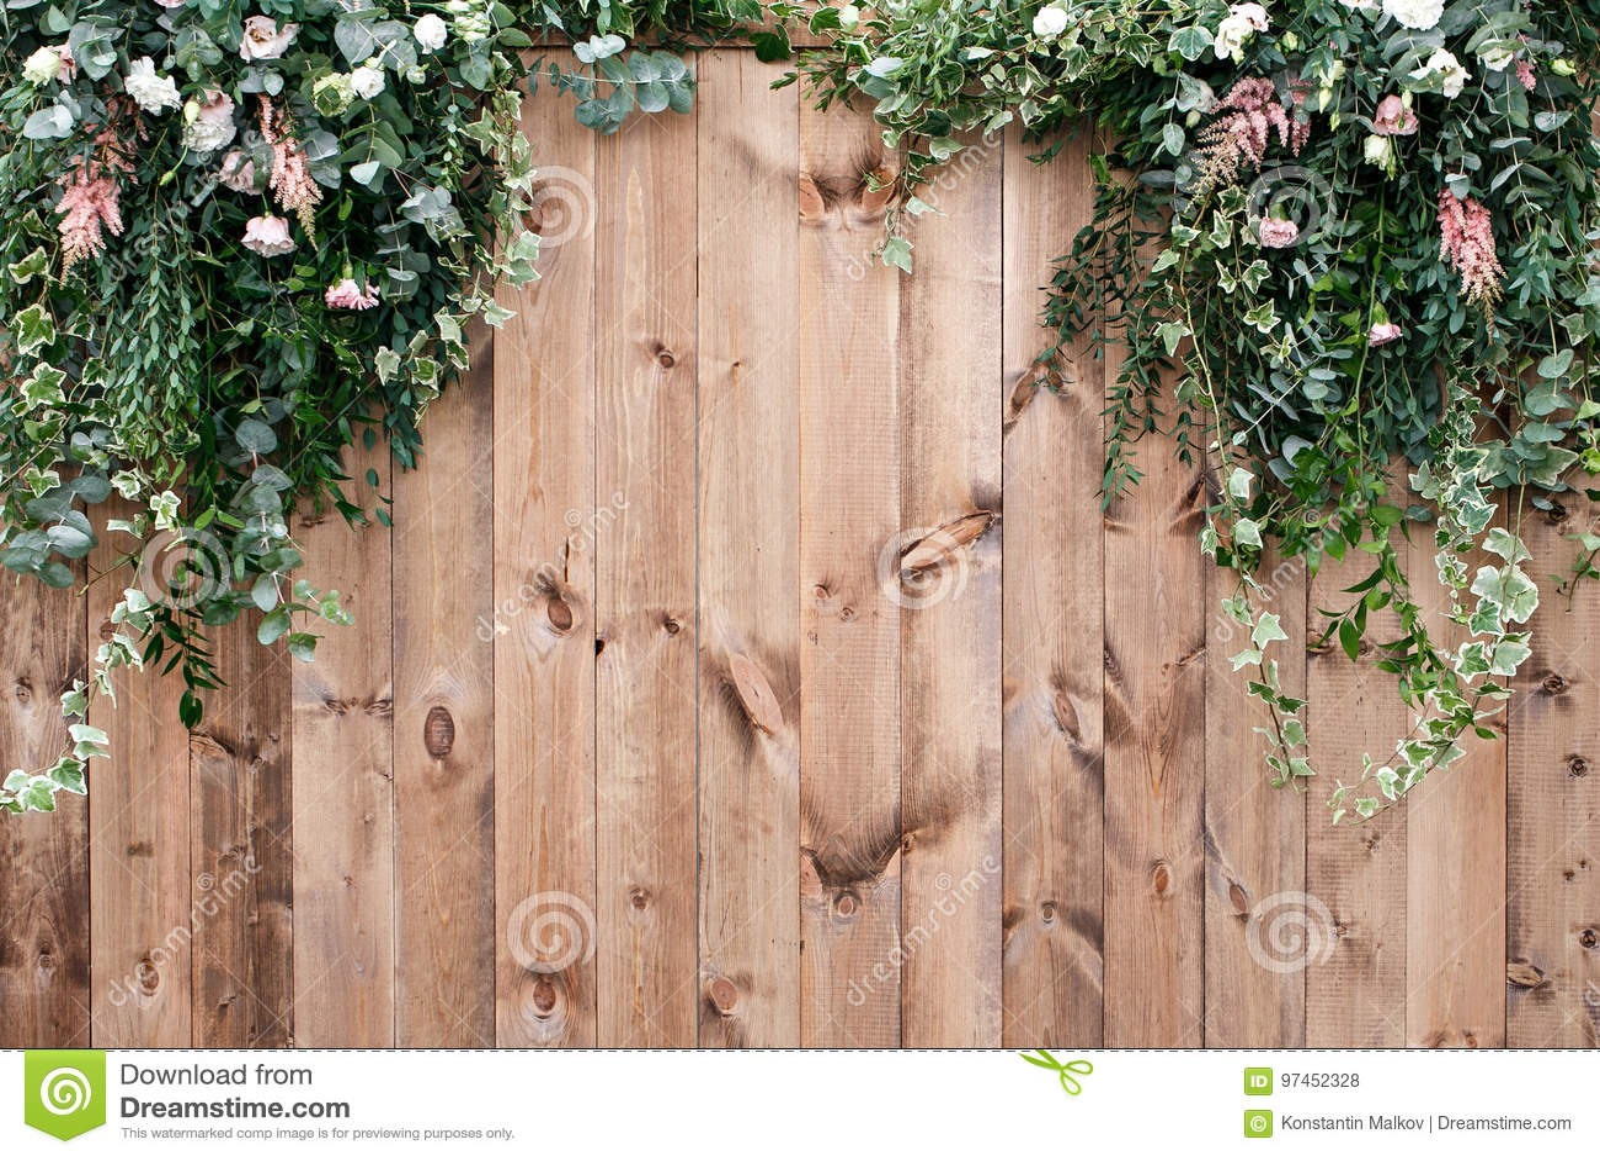 La primavera fresca se pone verde con la planta de la flor blanca y de la hoja sobre el fondo de madera de la cerca